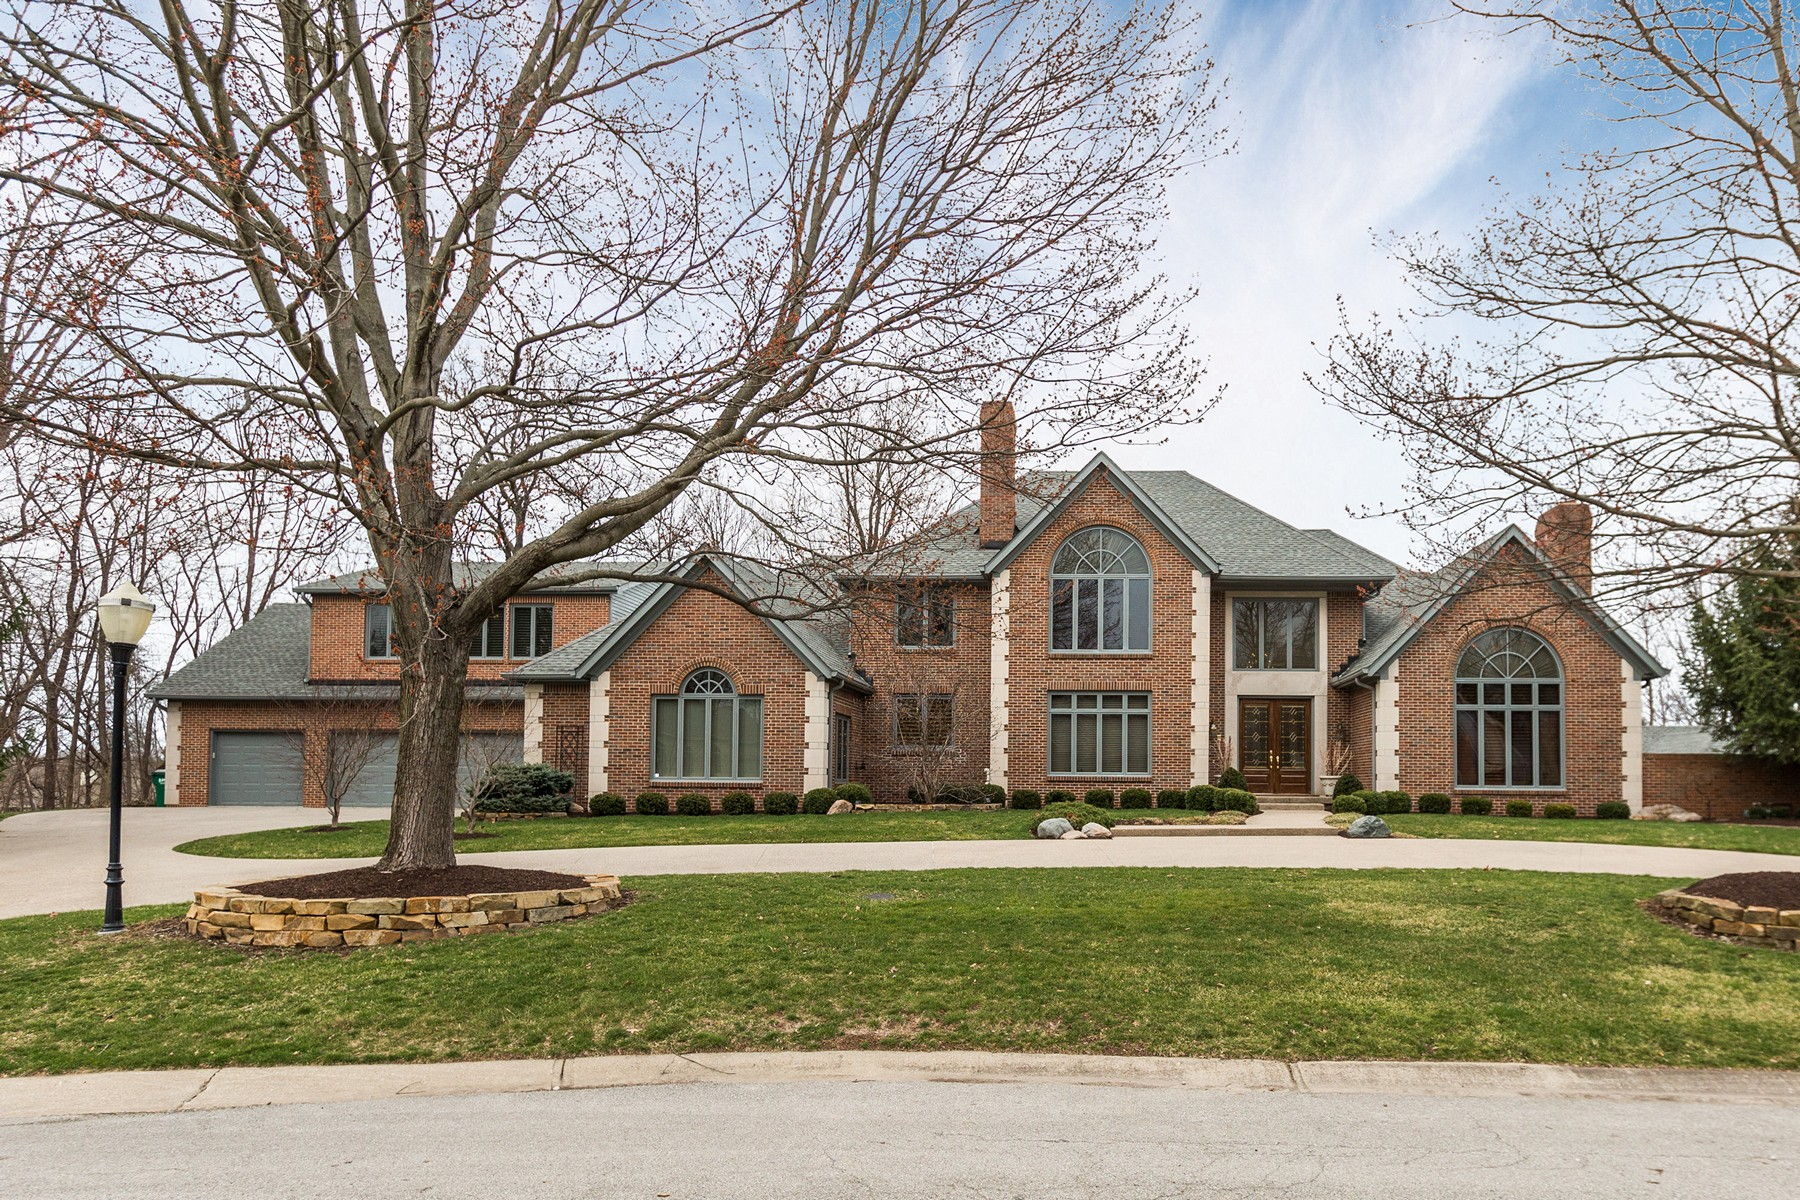 Casa Unifamiliar por un Venta en Privacy and Tranquility 6780 Barrington Place Fishers, Indiana 46038 Estados Unidos